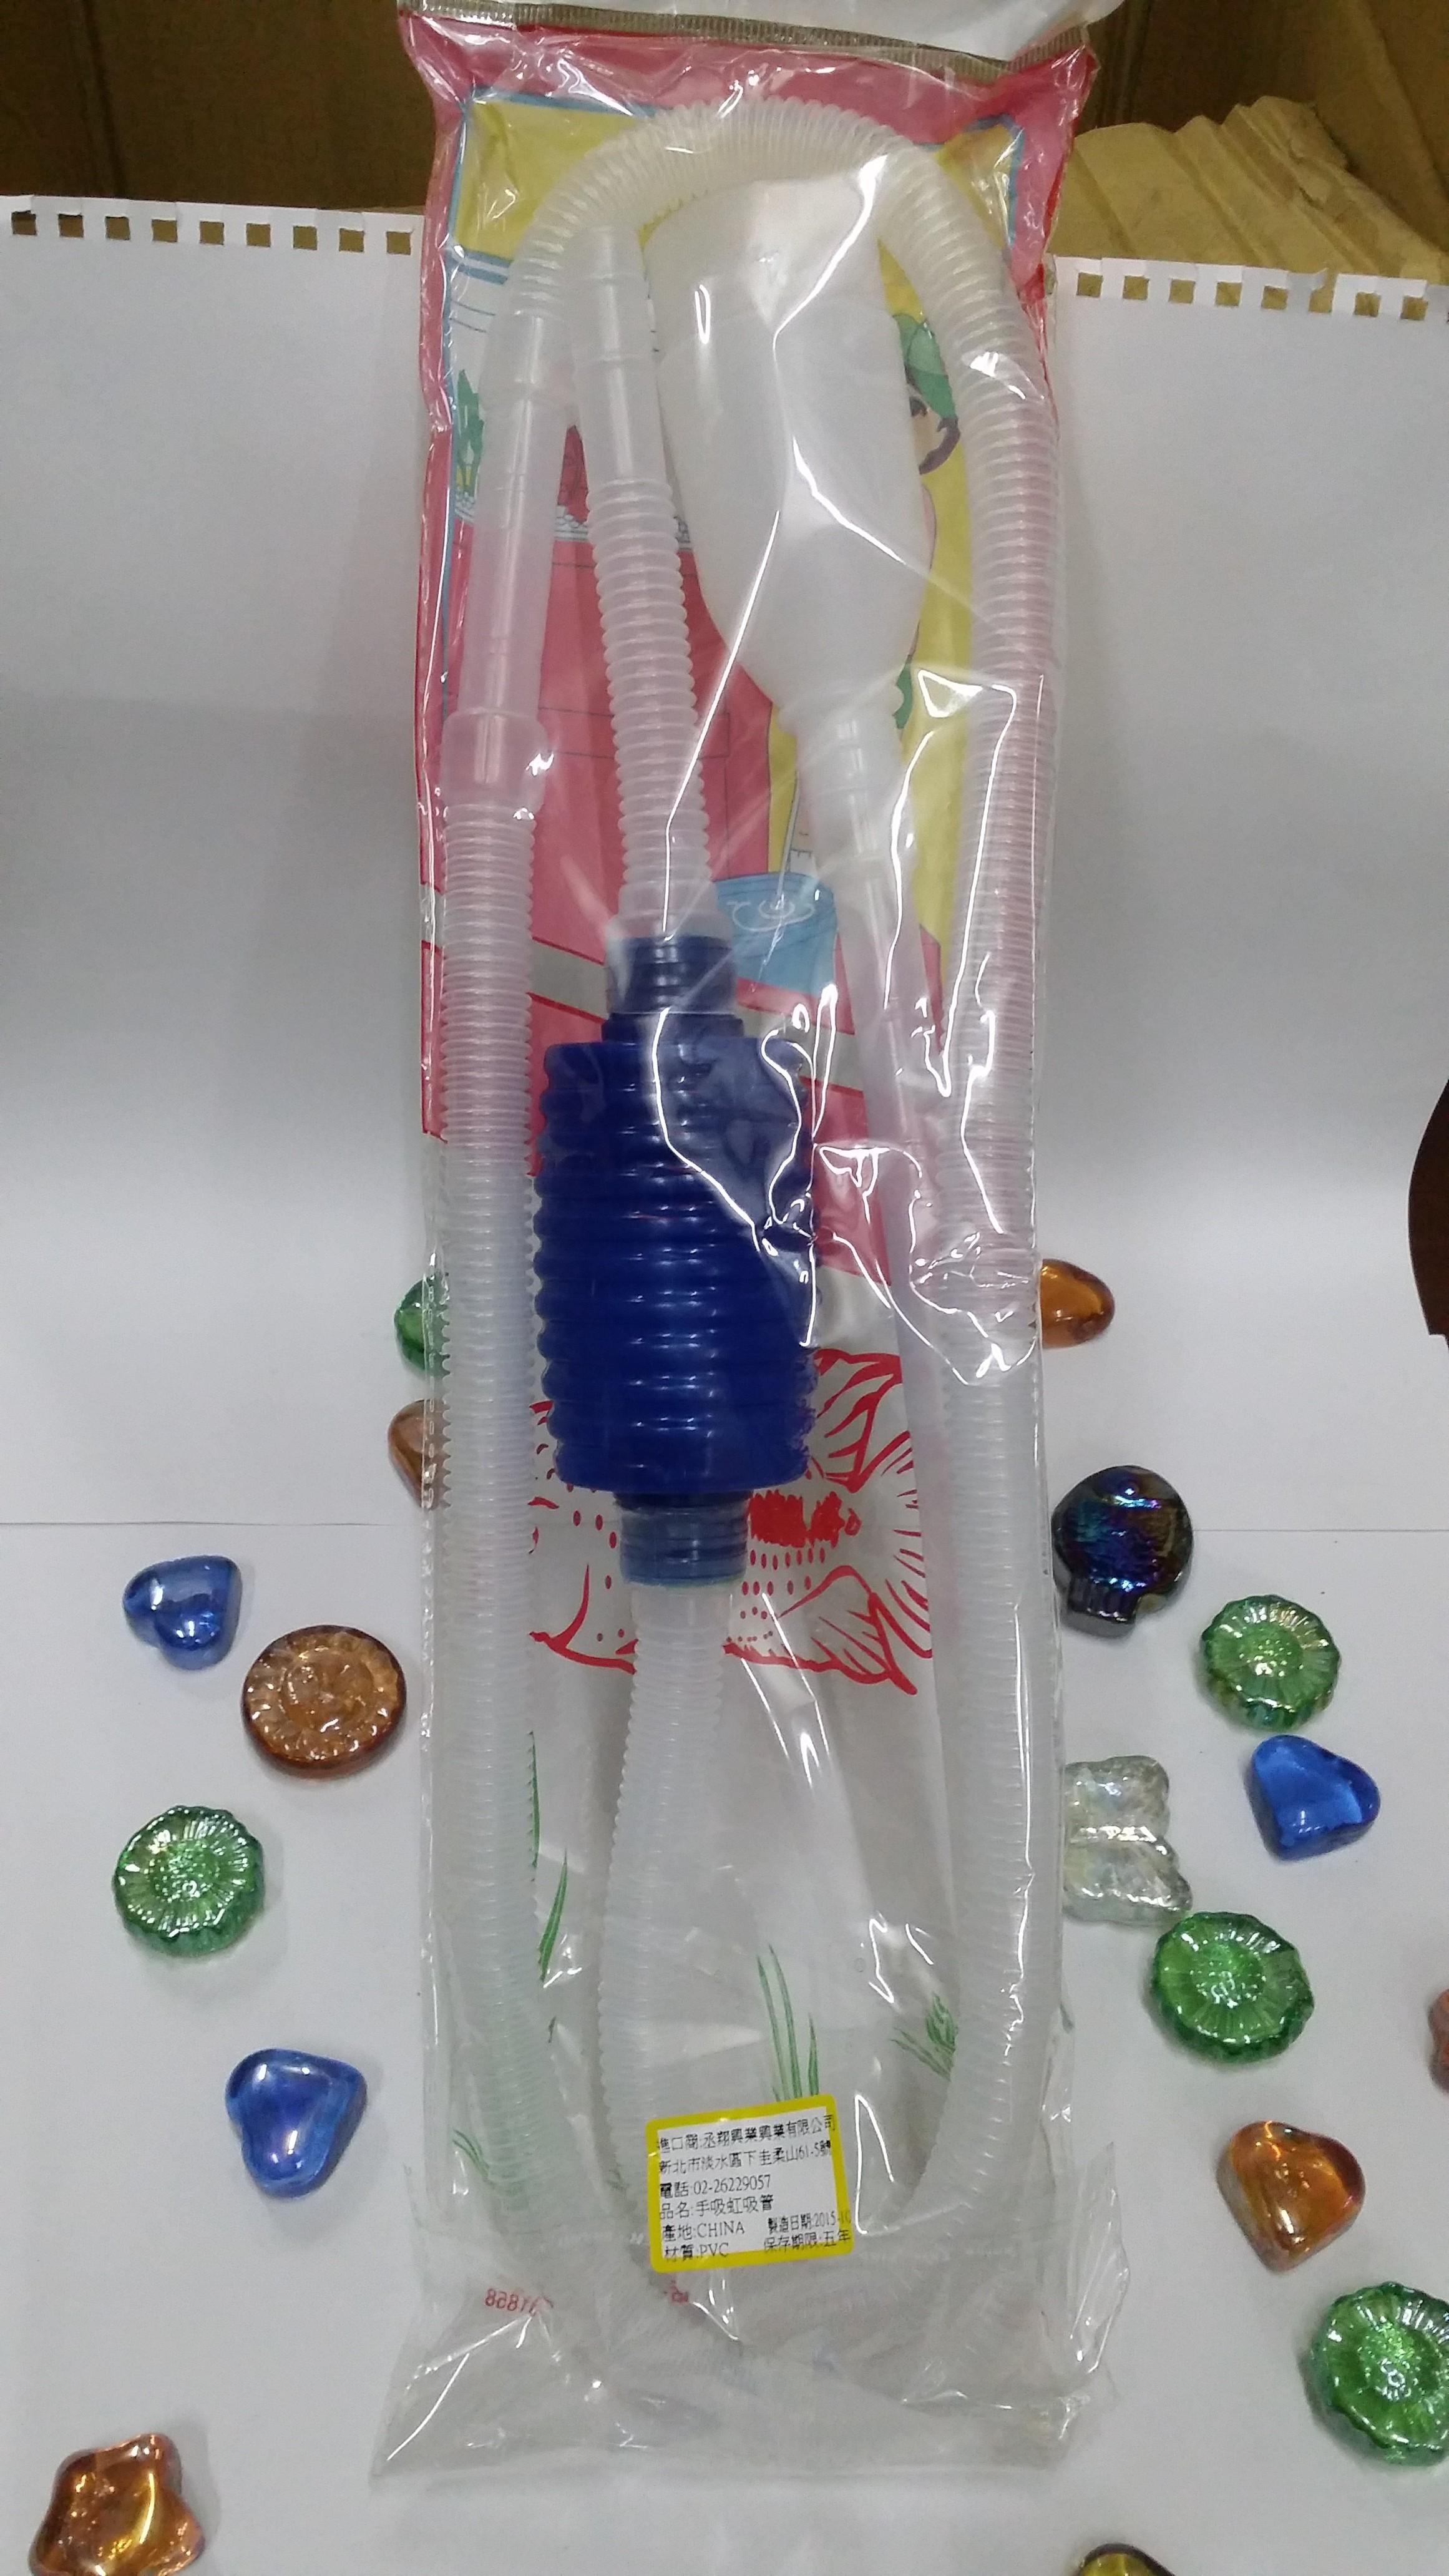 【洁好水族寵物世界】手吸虹吸管 簡易型虹吸管166cm (換水 換砂必備工具)